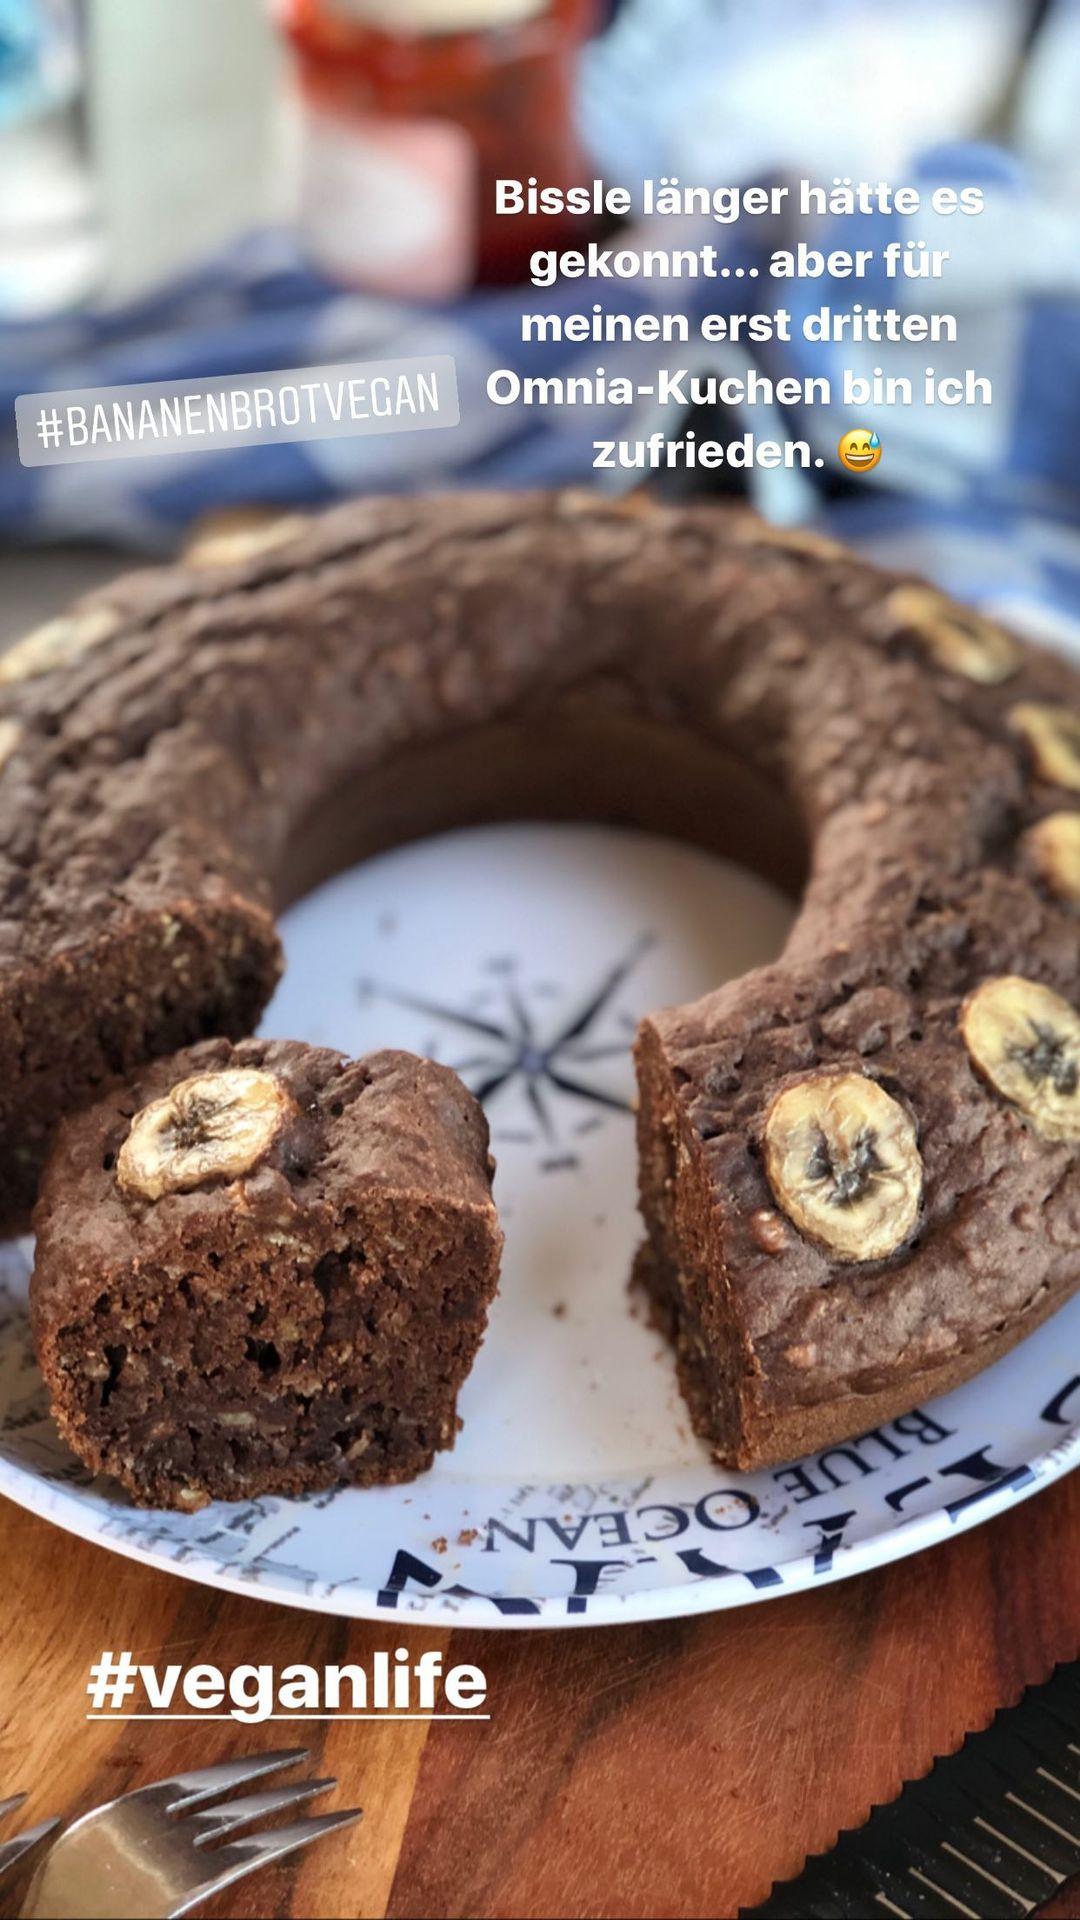 Dänemark-Rundreise im Sommer 2020: Schoko-Bananenkuchen aus dem Omnia